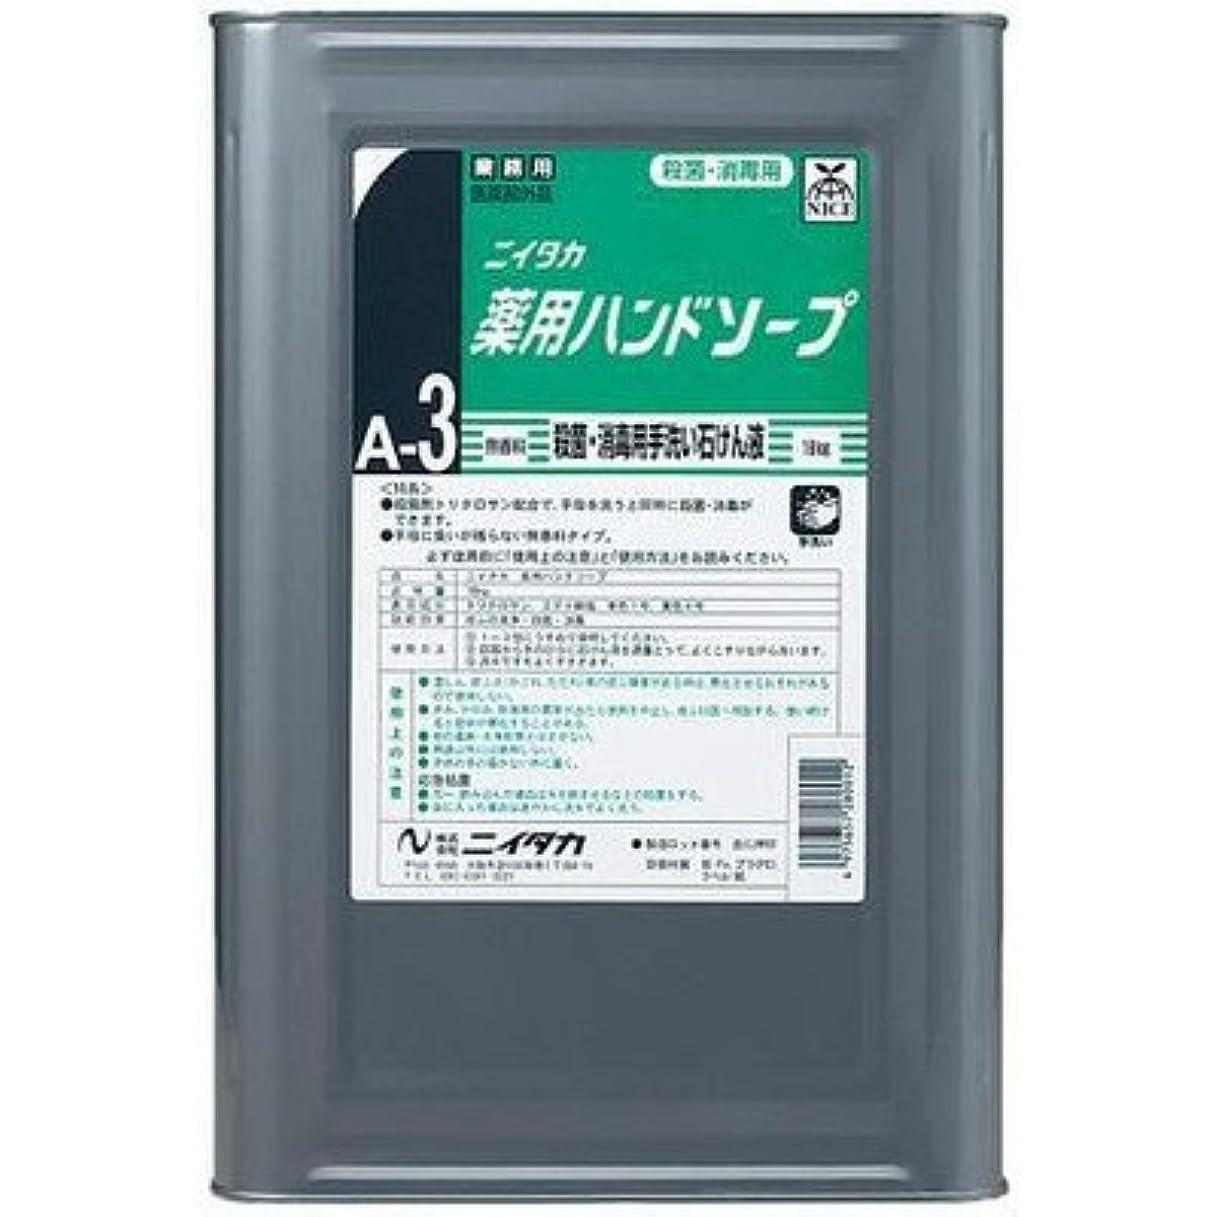 発表側モンキーニイタカ 業務用手洗い石けん液 薬用ハンドソープ(A-3) 18kg×1本